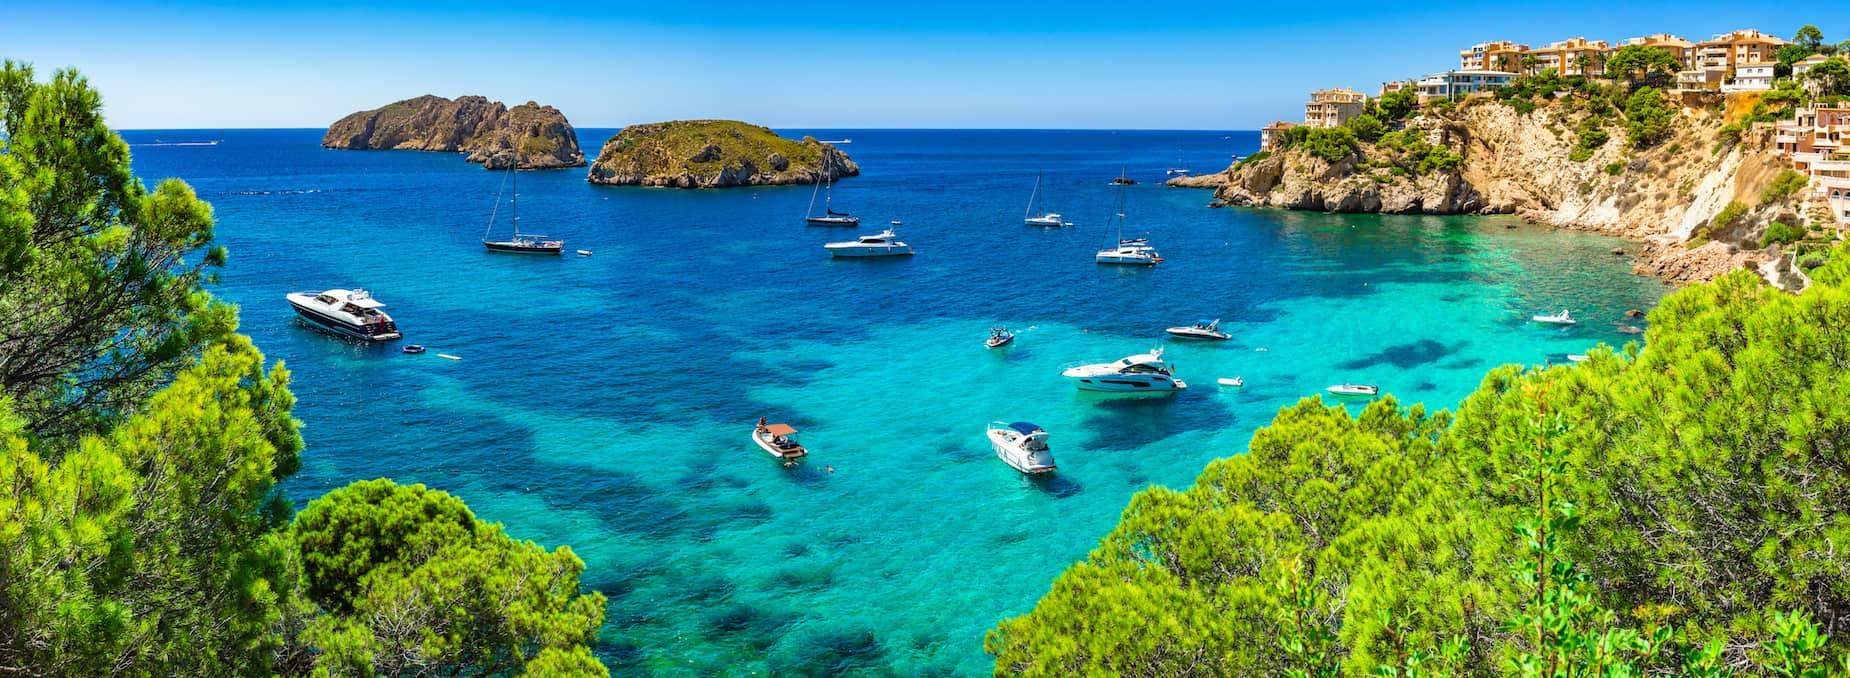 Santa Ponsa Majorca Yacht Charter